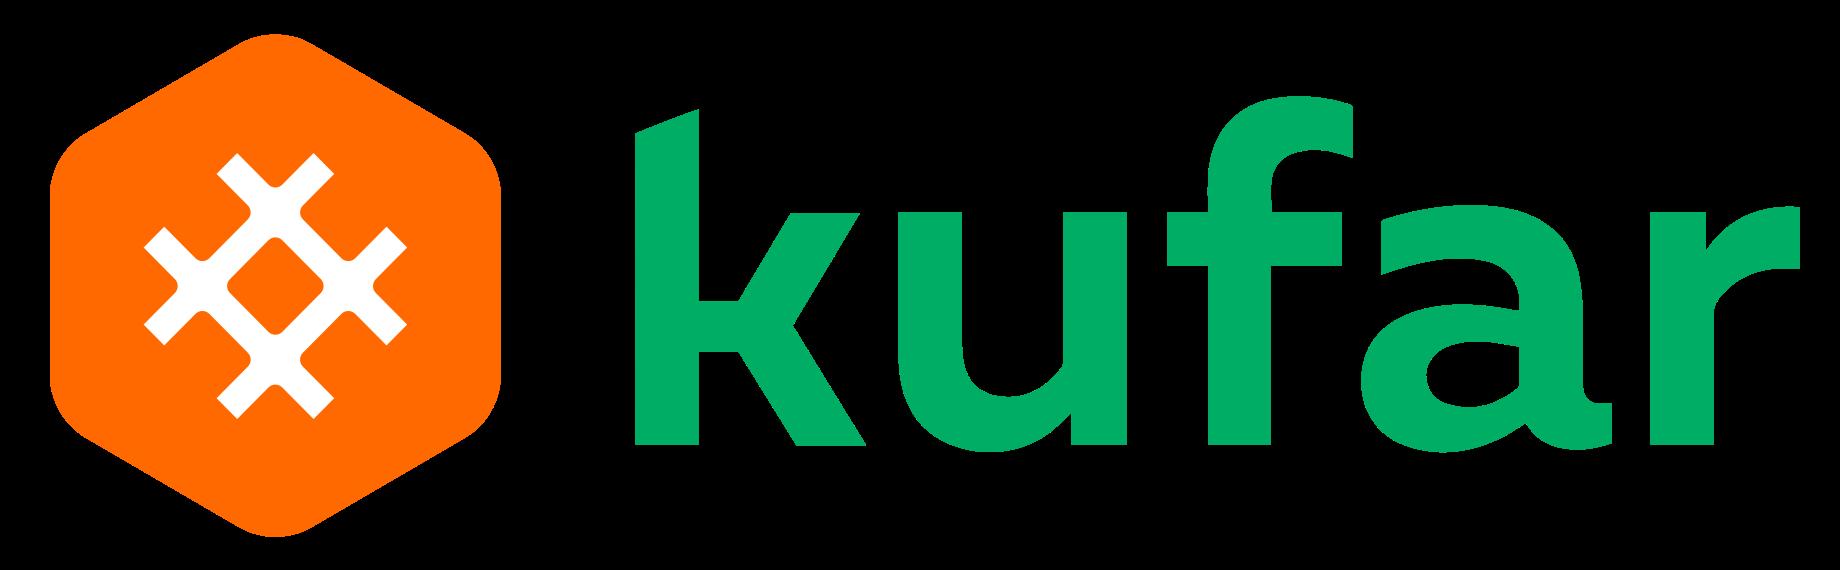 kufar (эмблема, логотип) (сайт Минской школы киноискусства)